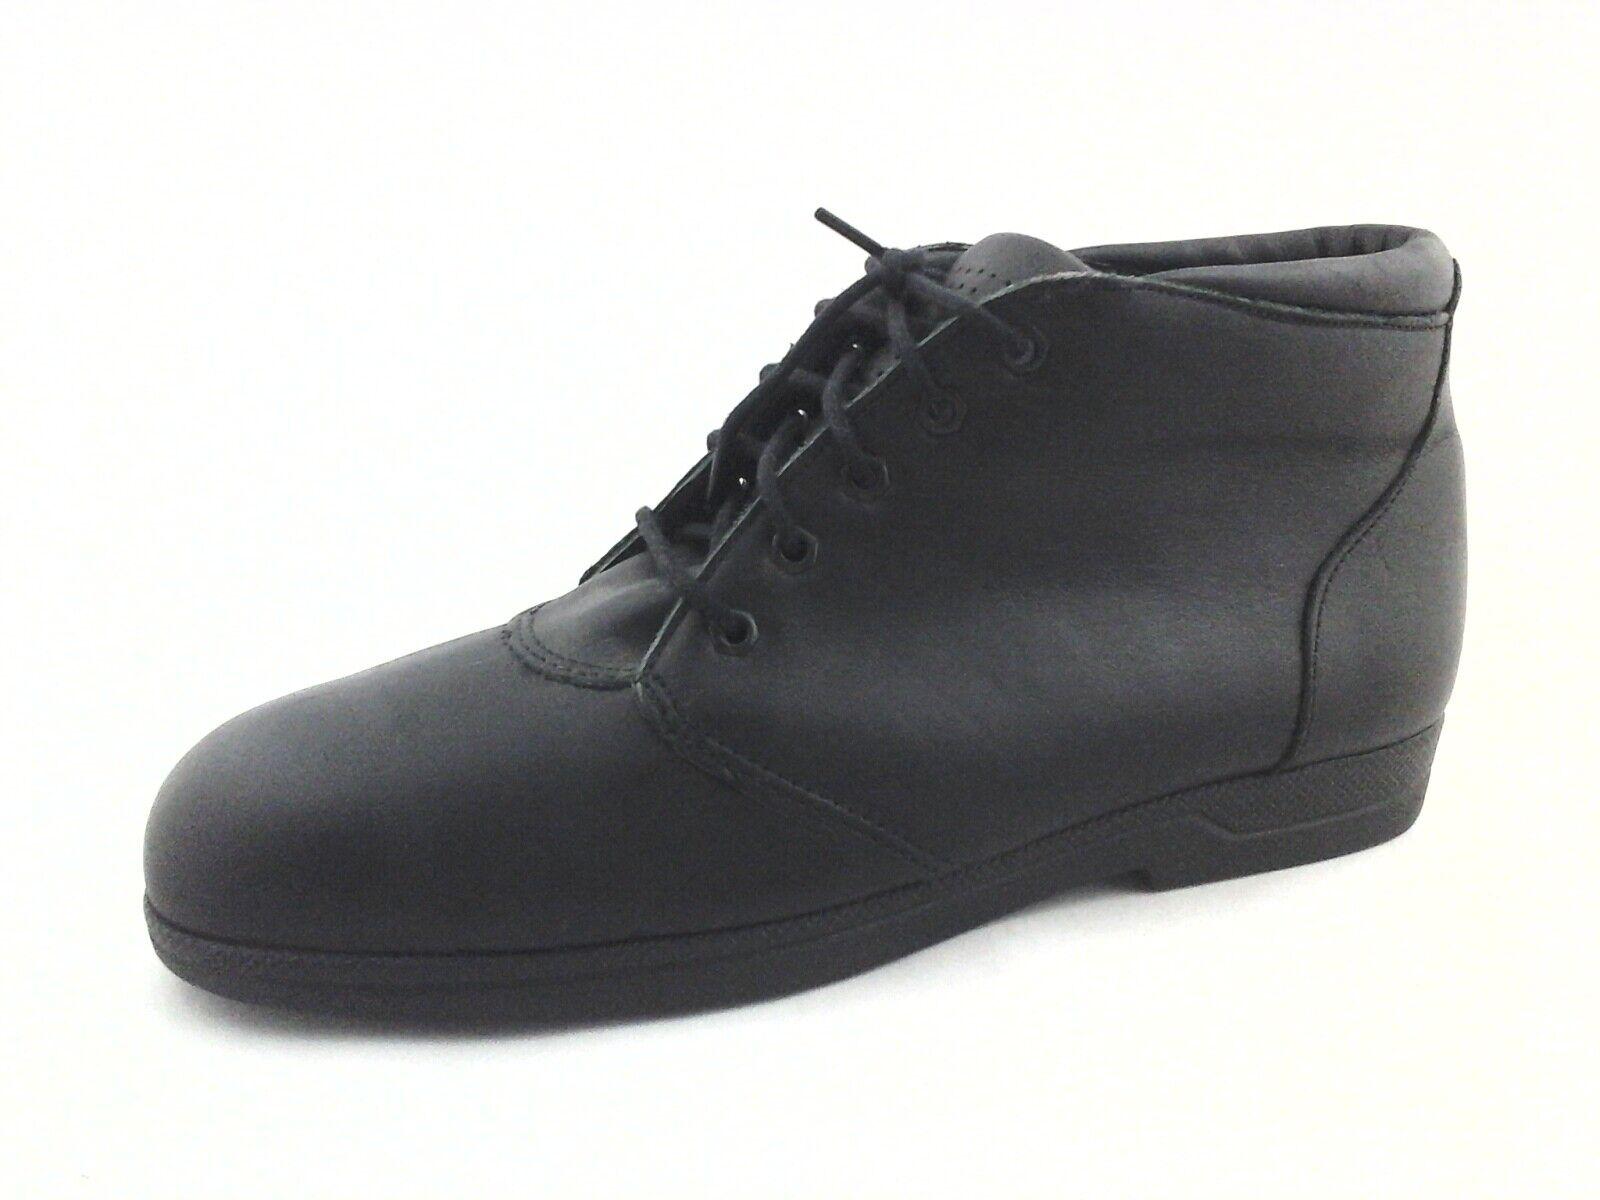 USA vintage chaussures sécurité de Bottes Orteil Acier